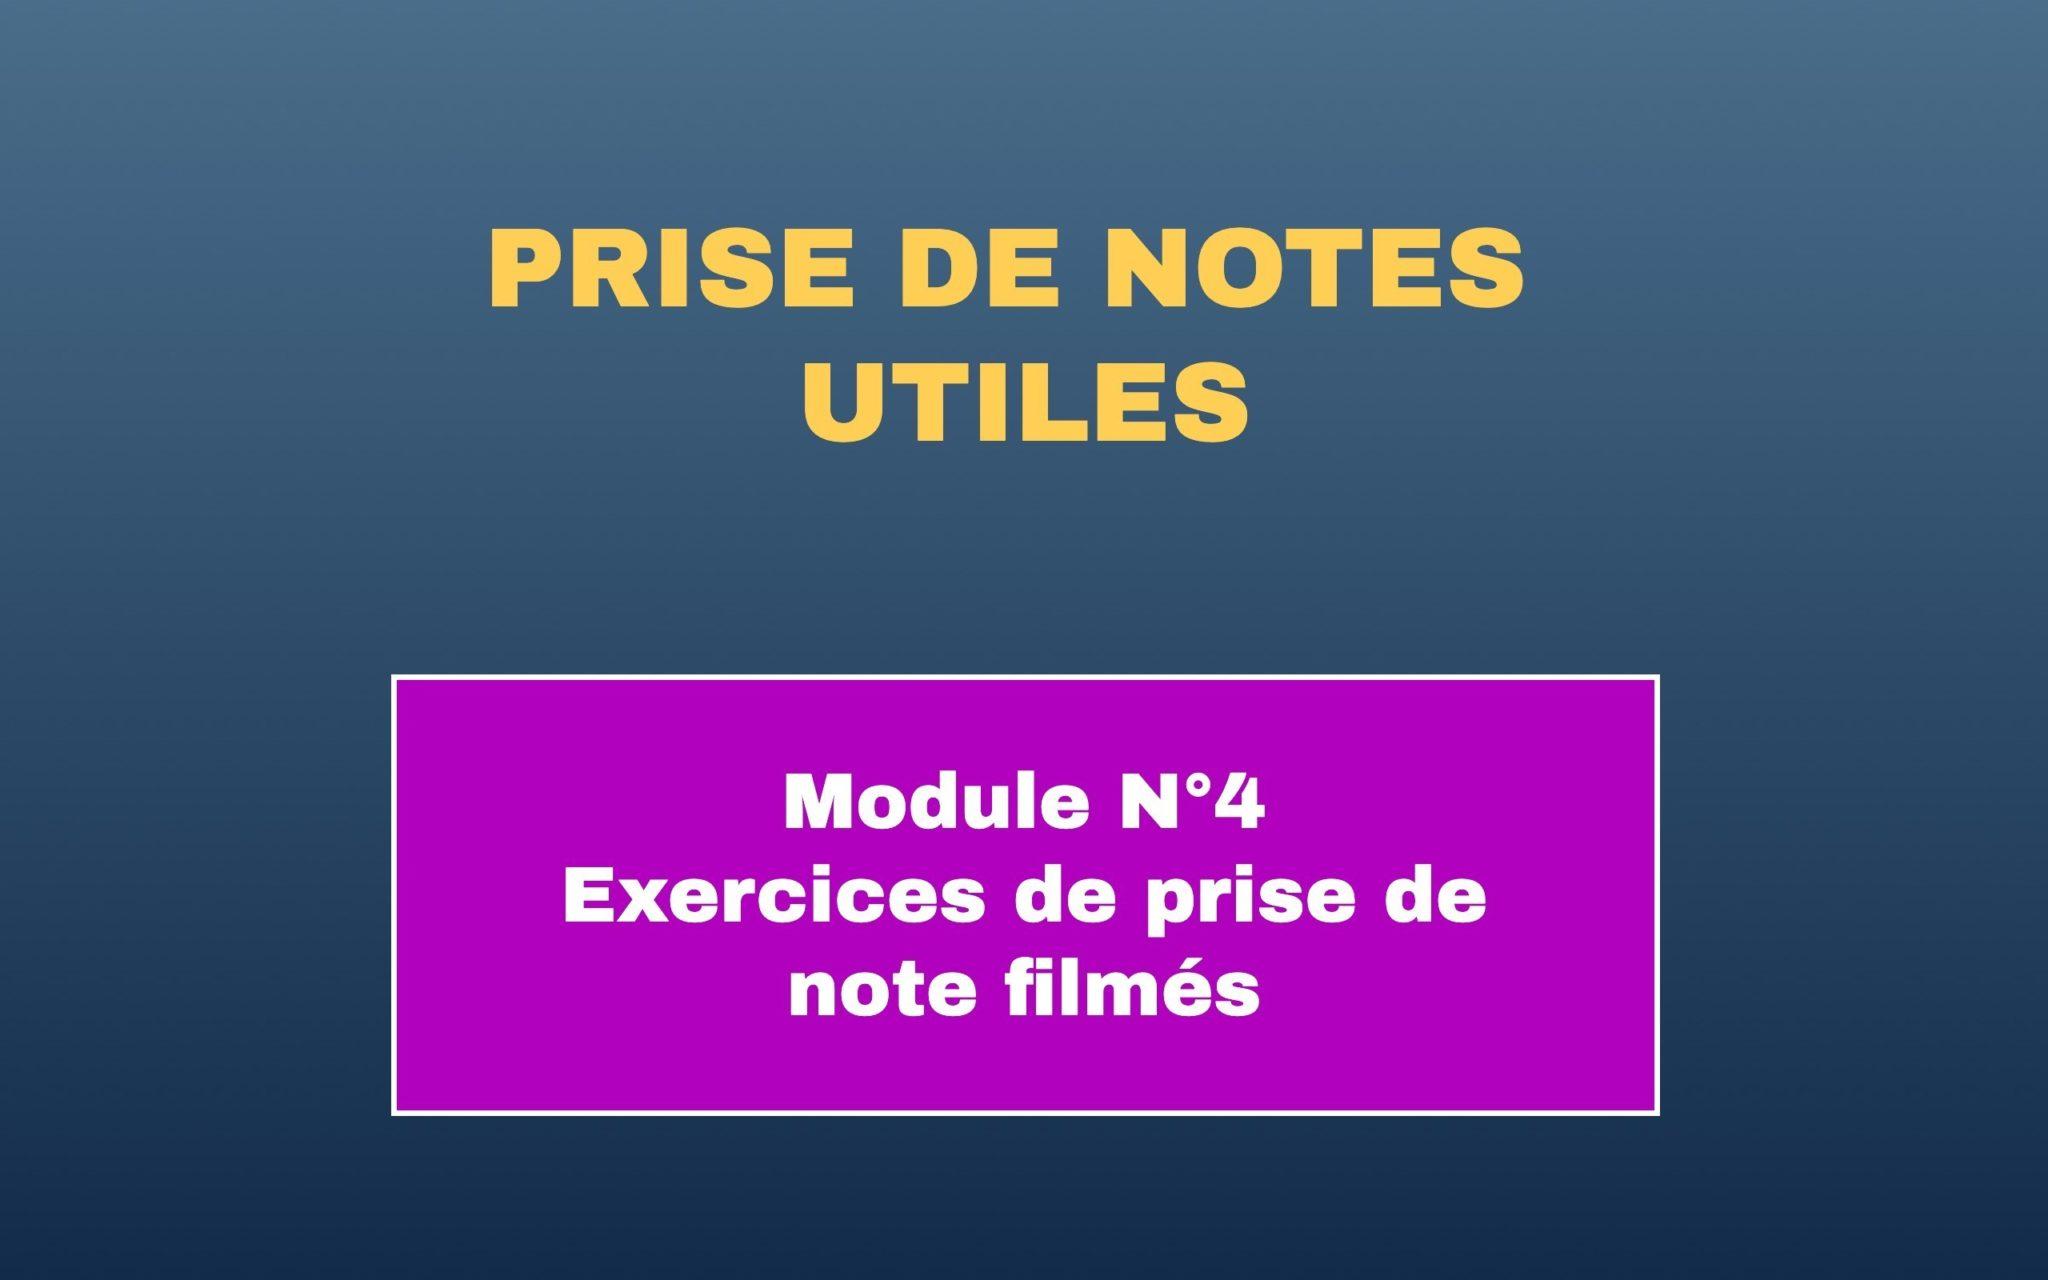 Prise de notes utiles 4